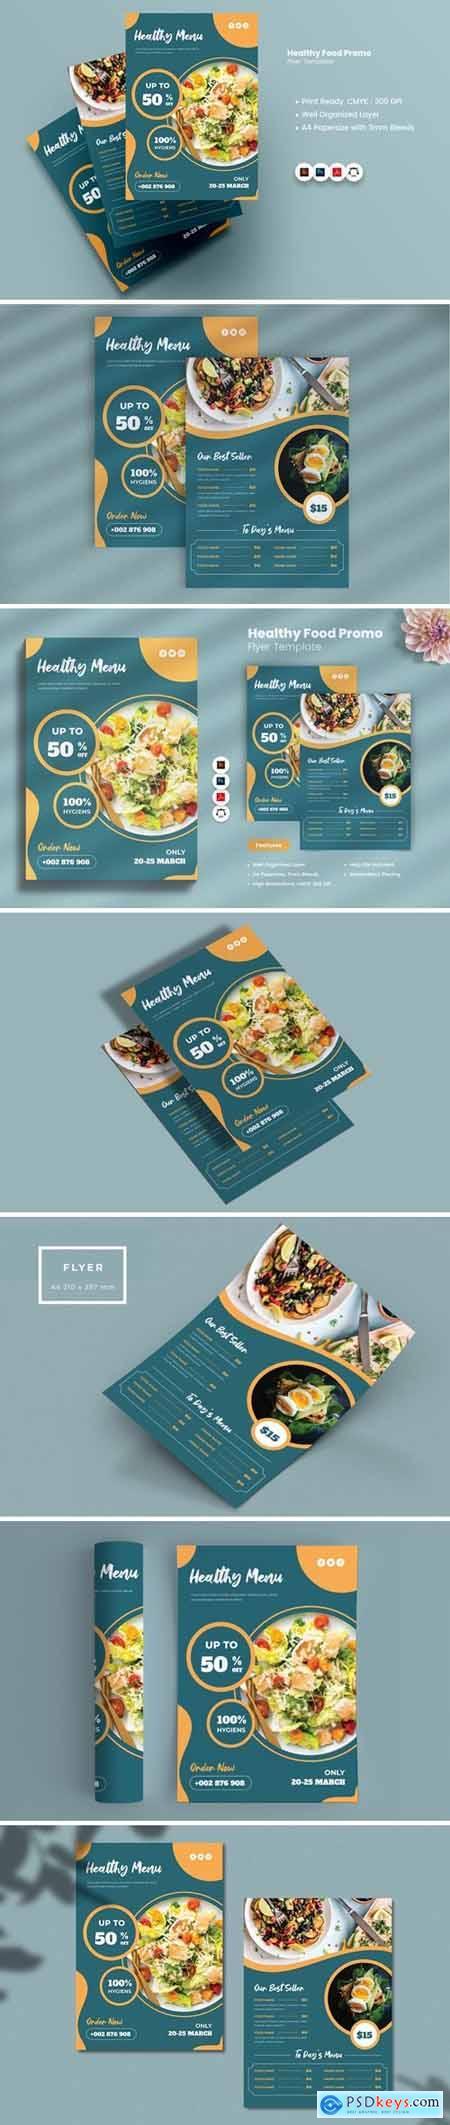 Healthy Food Promo Flyer